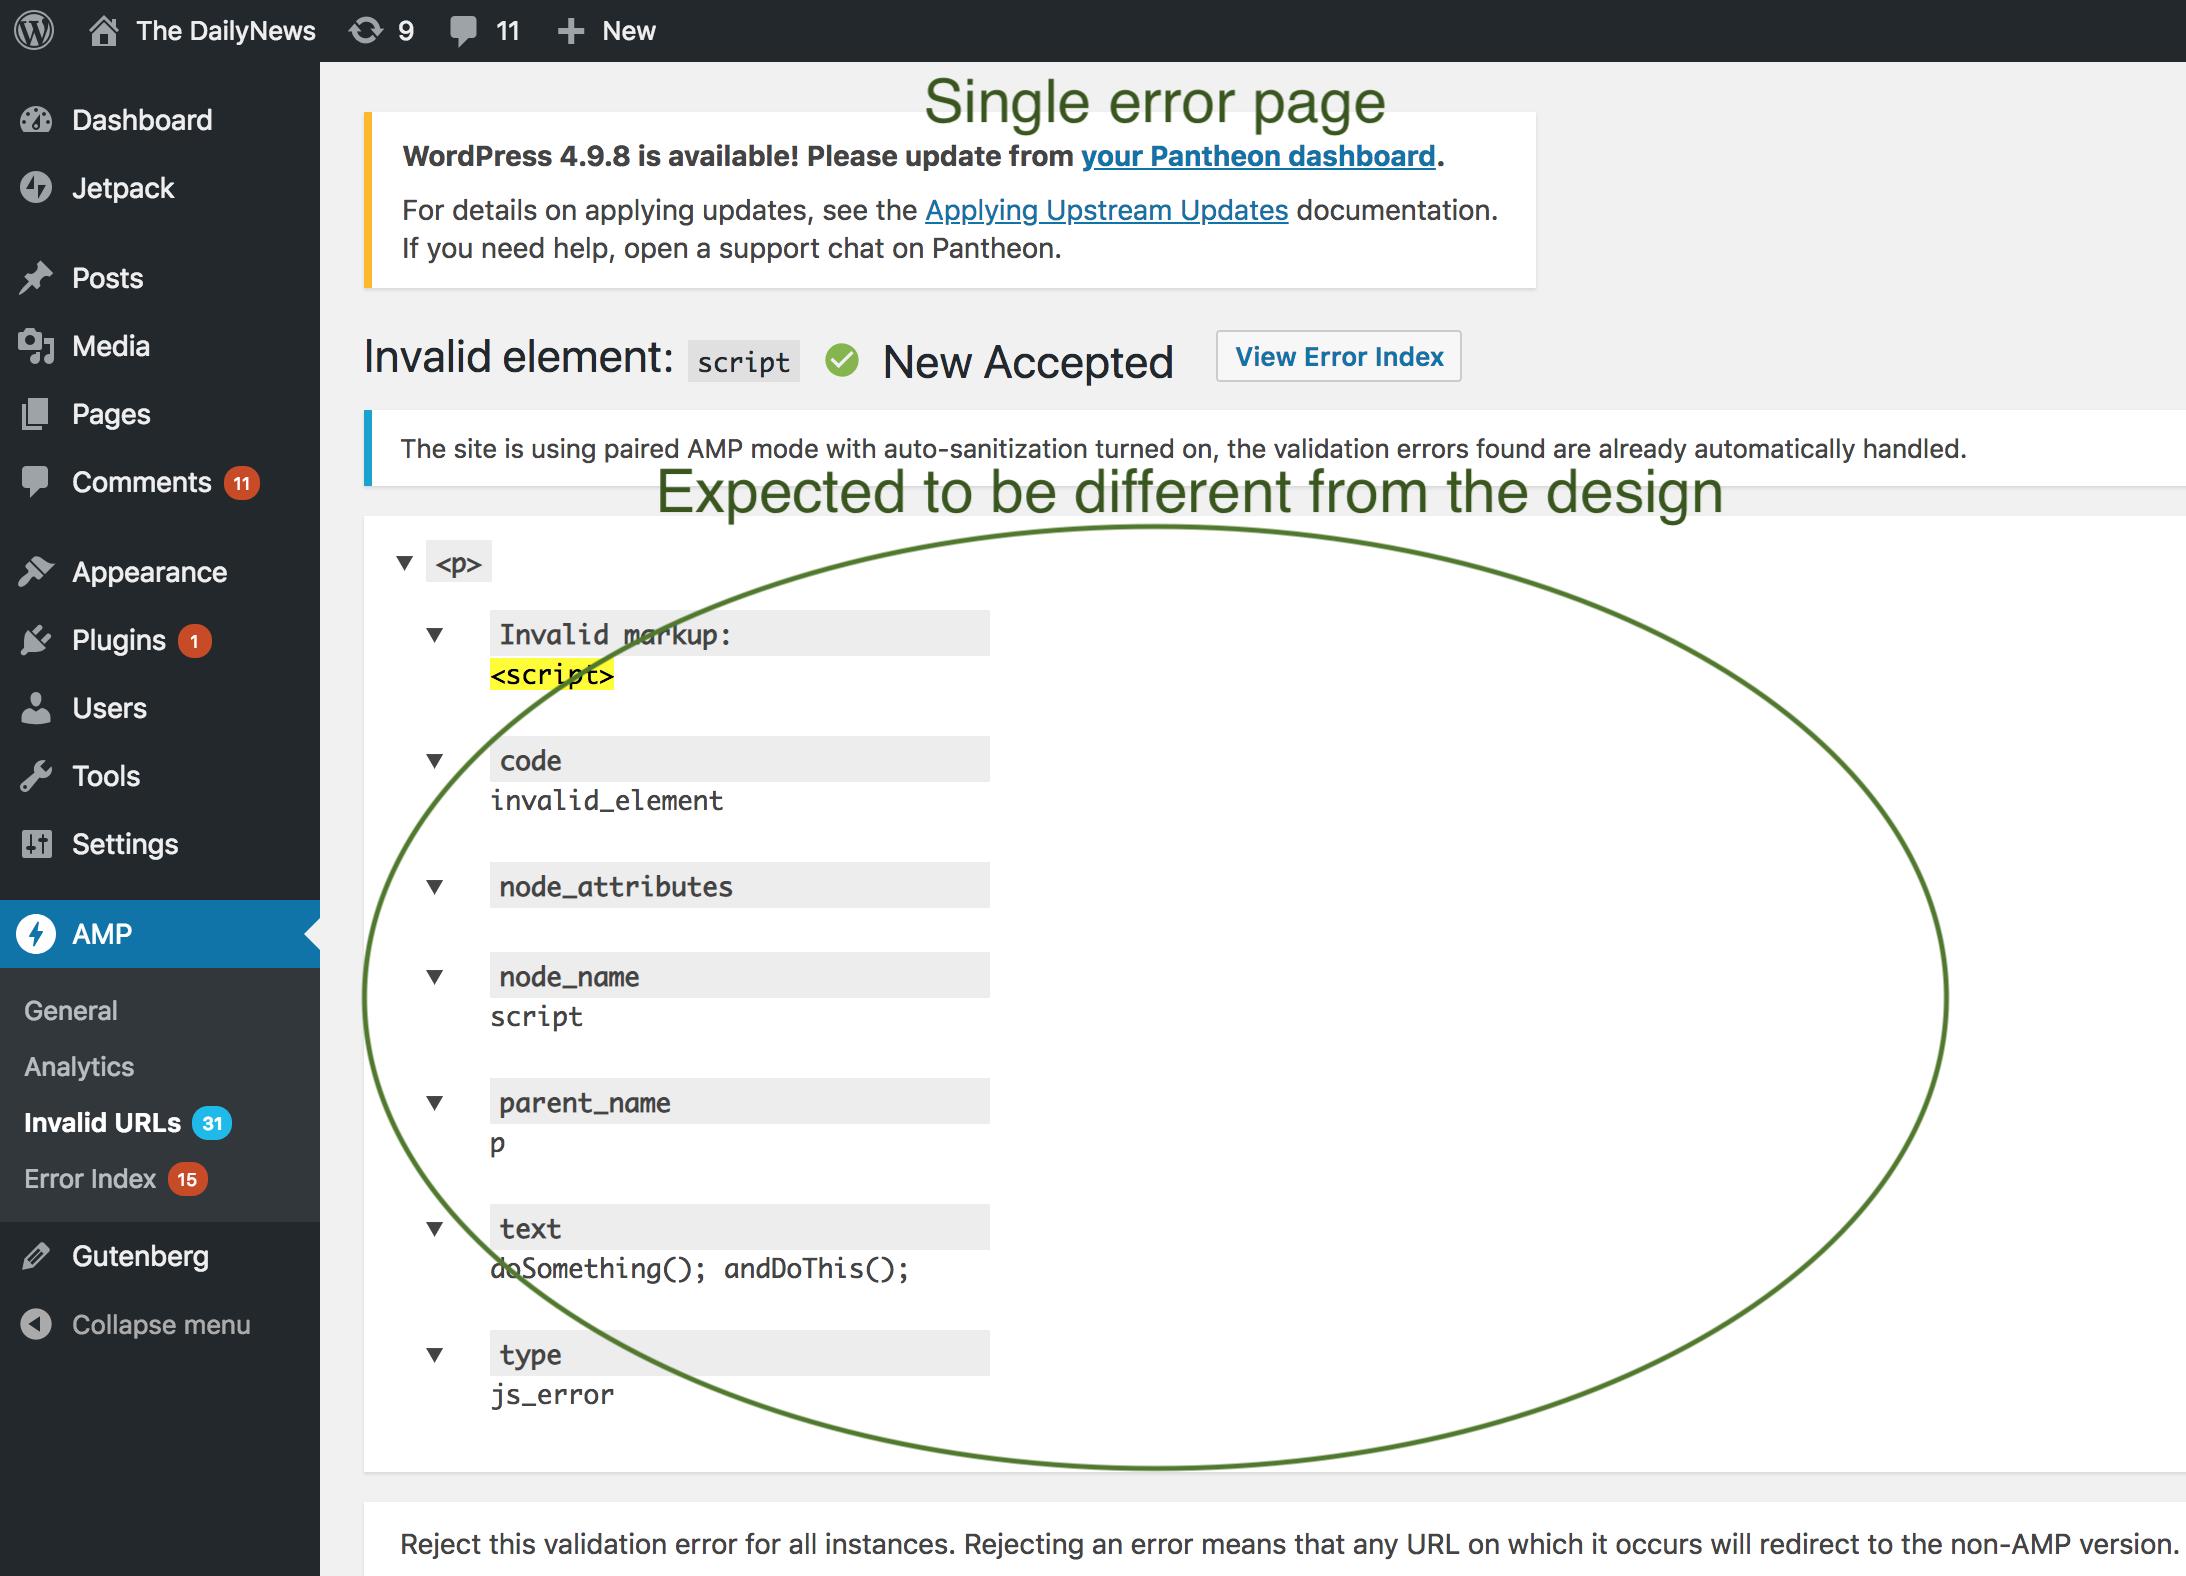 single-error-page